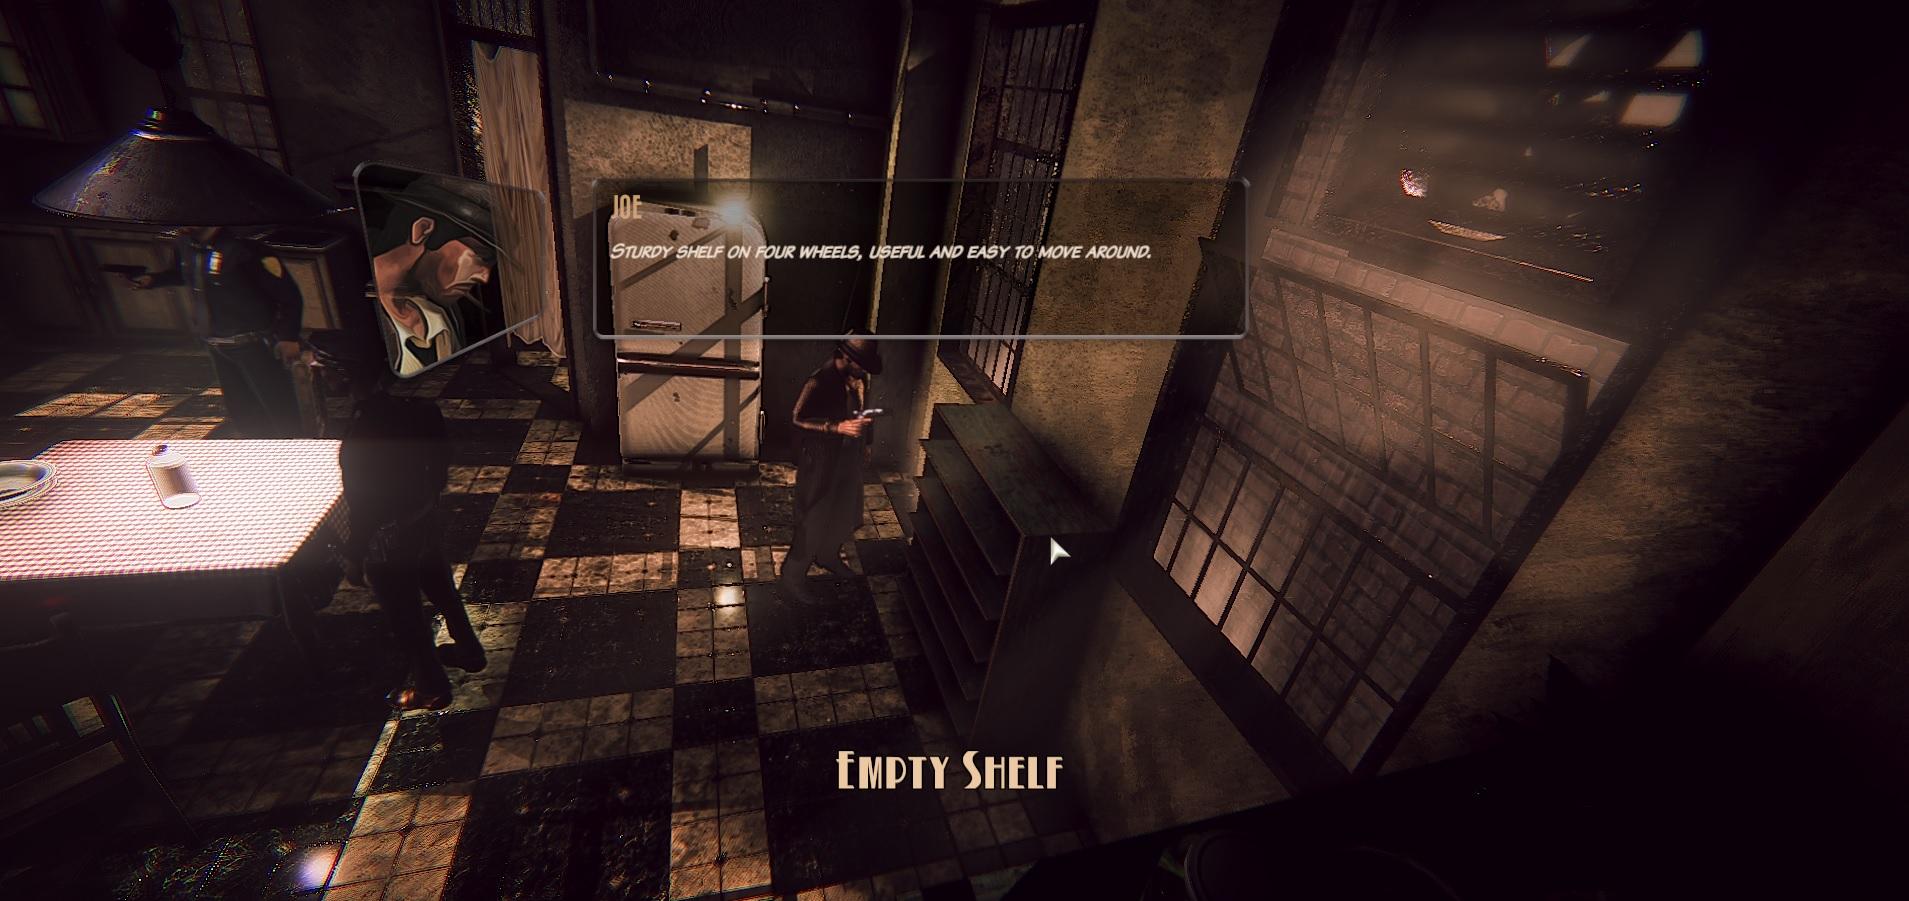 Joe Kowalski Chronicles: Murder in a flat